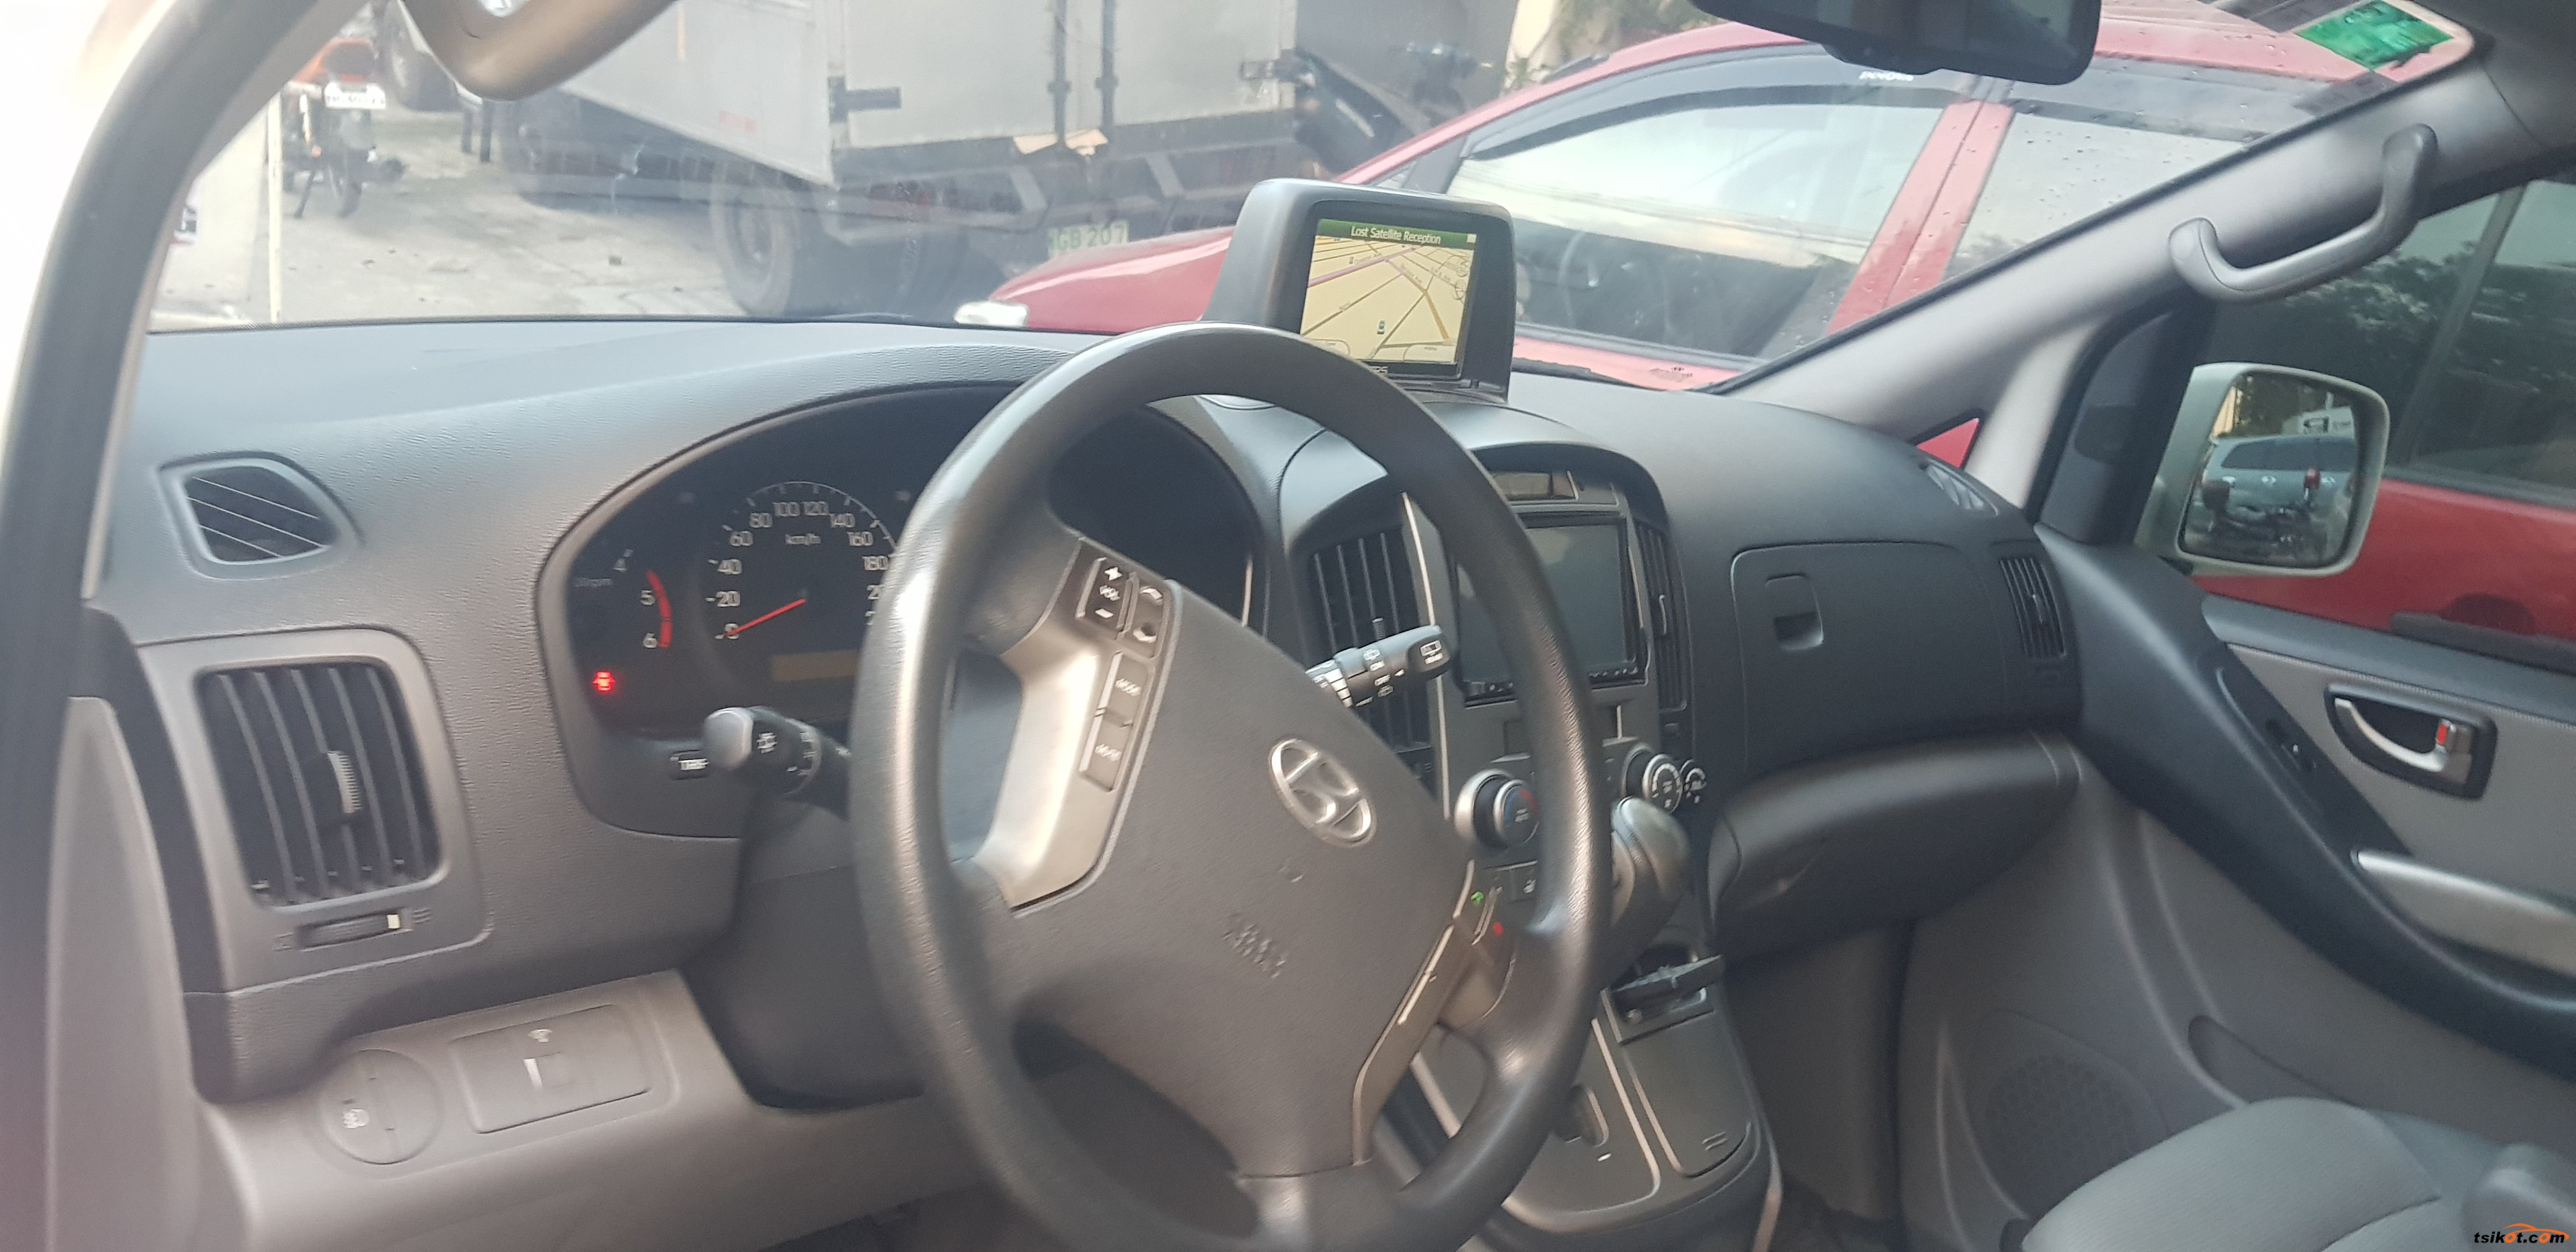 Hyundai Starex 2012 - 3